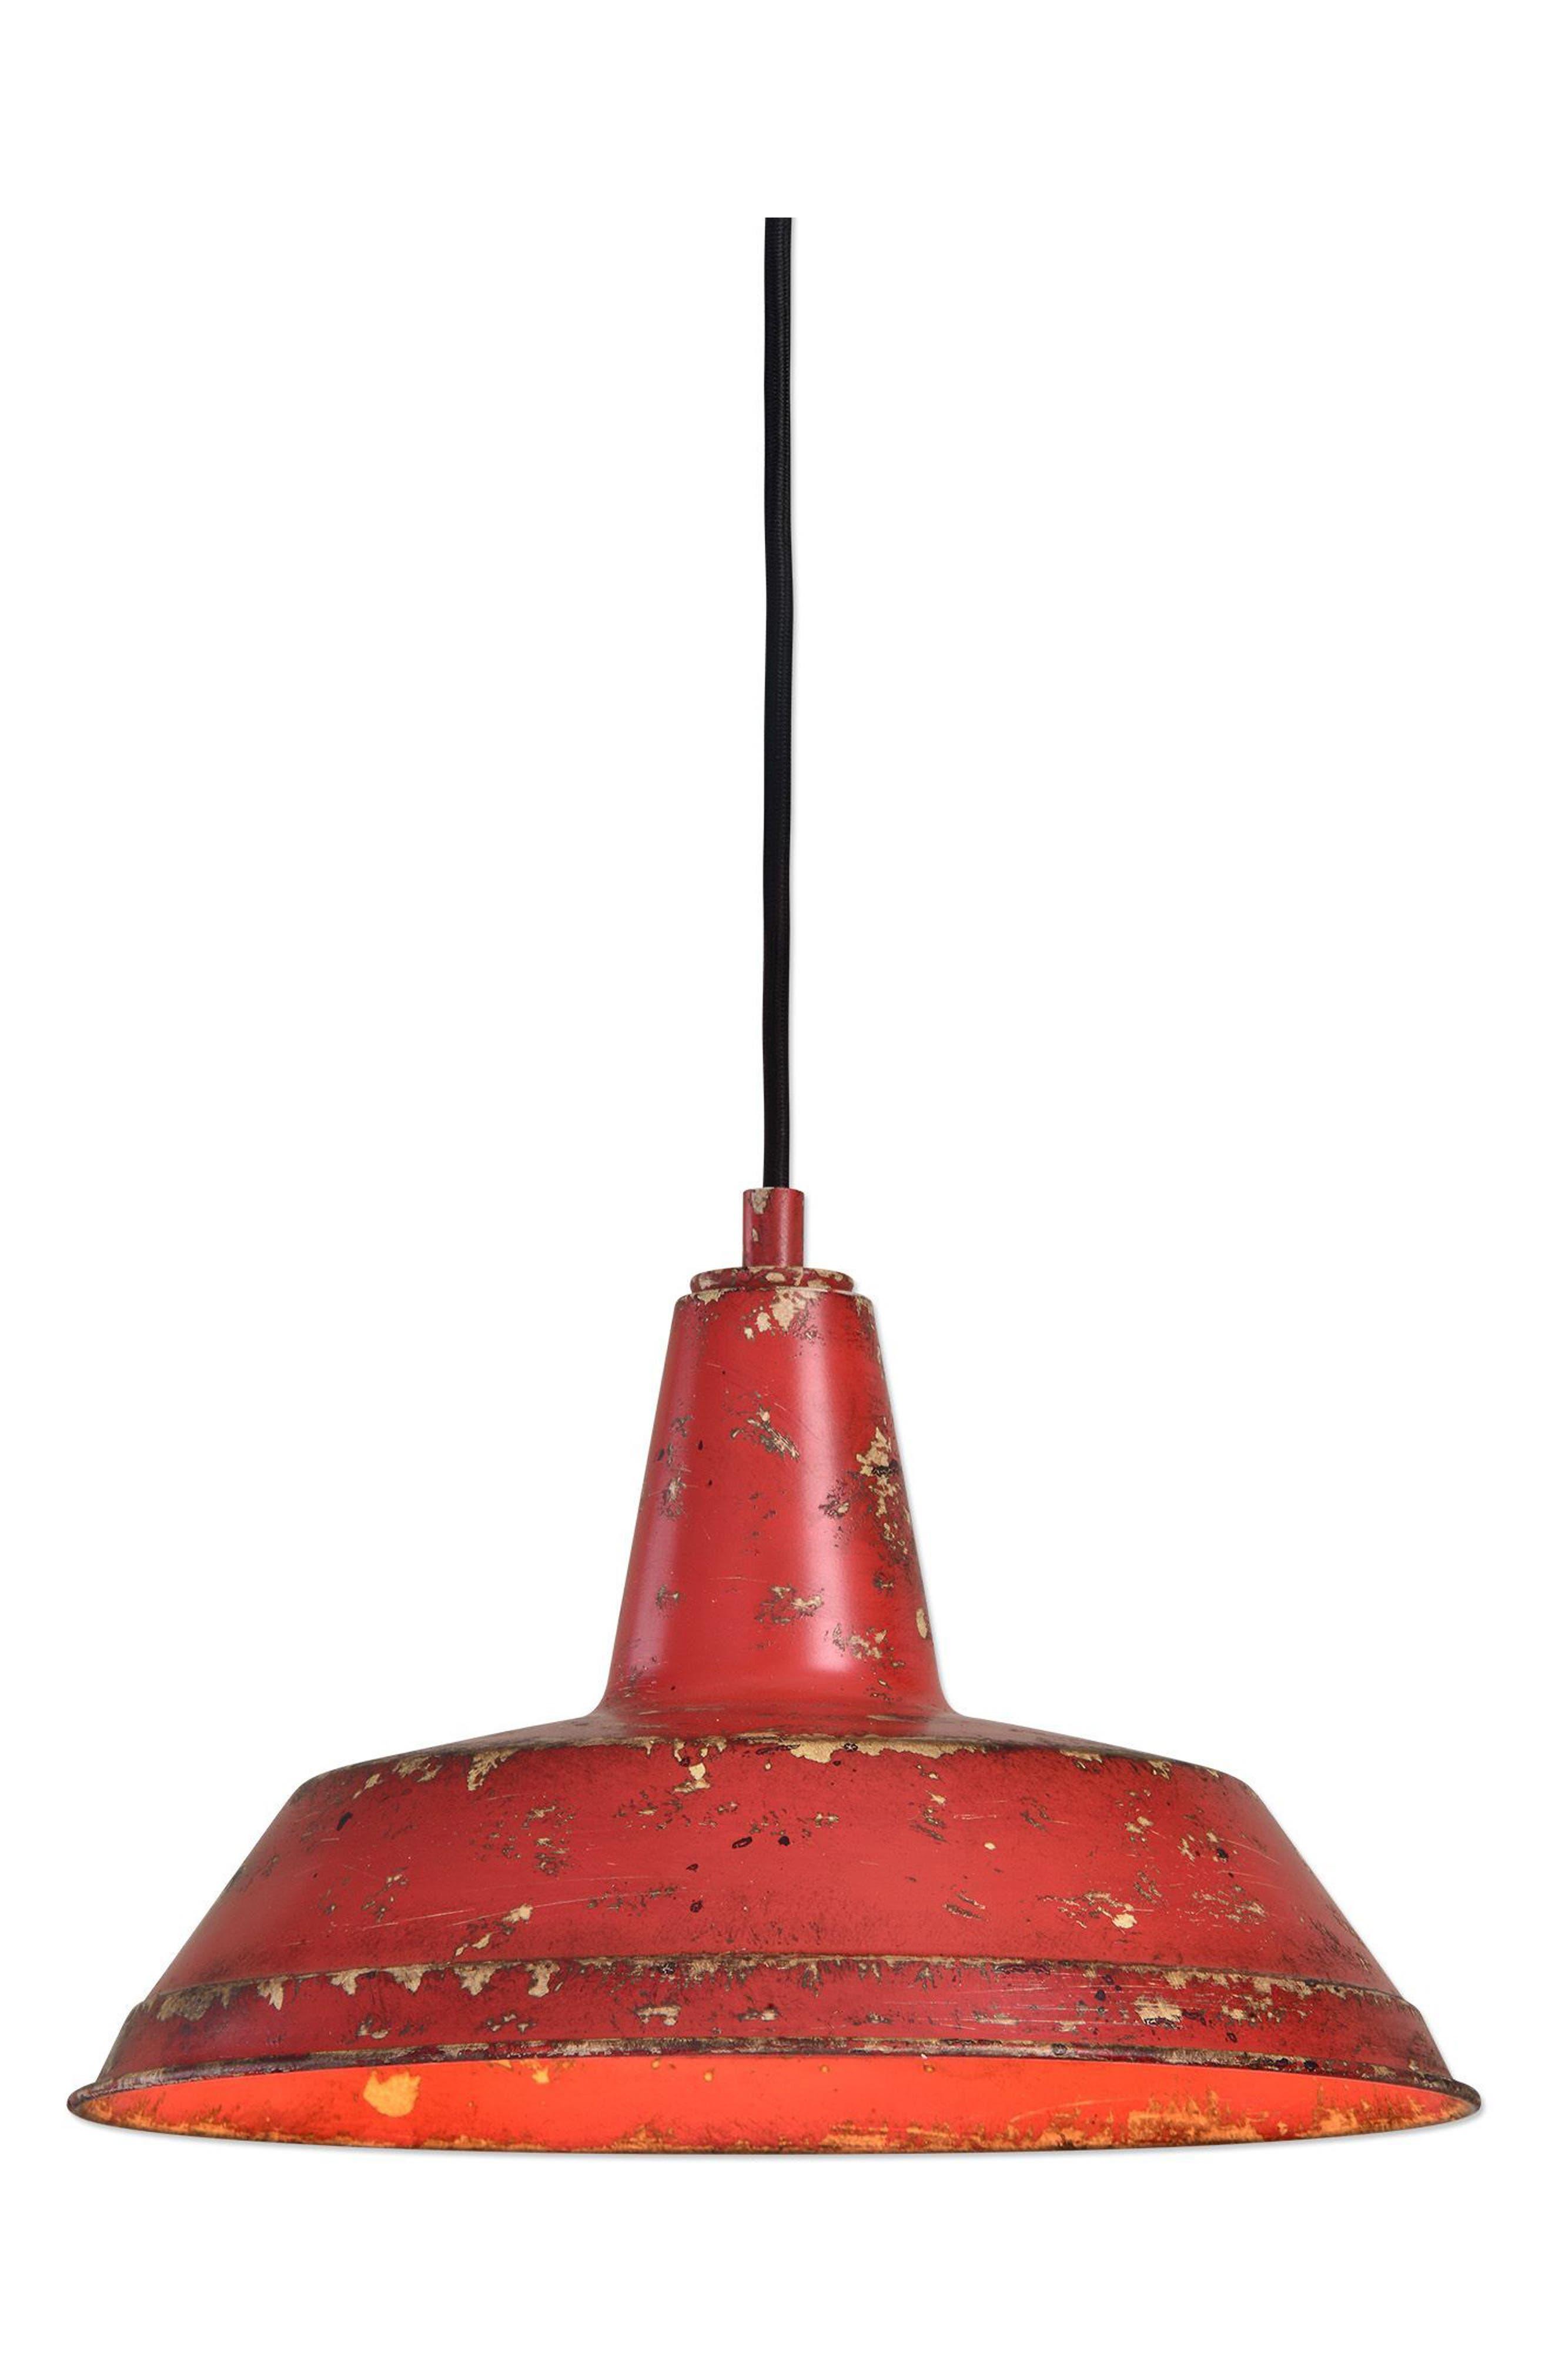 Alternate Image 1 Selected - Uttermost Pomodoro Pendant Lamp